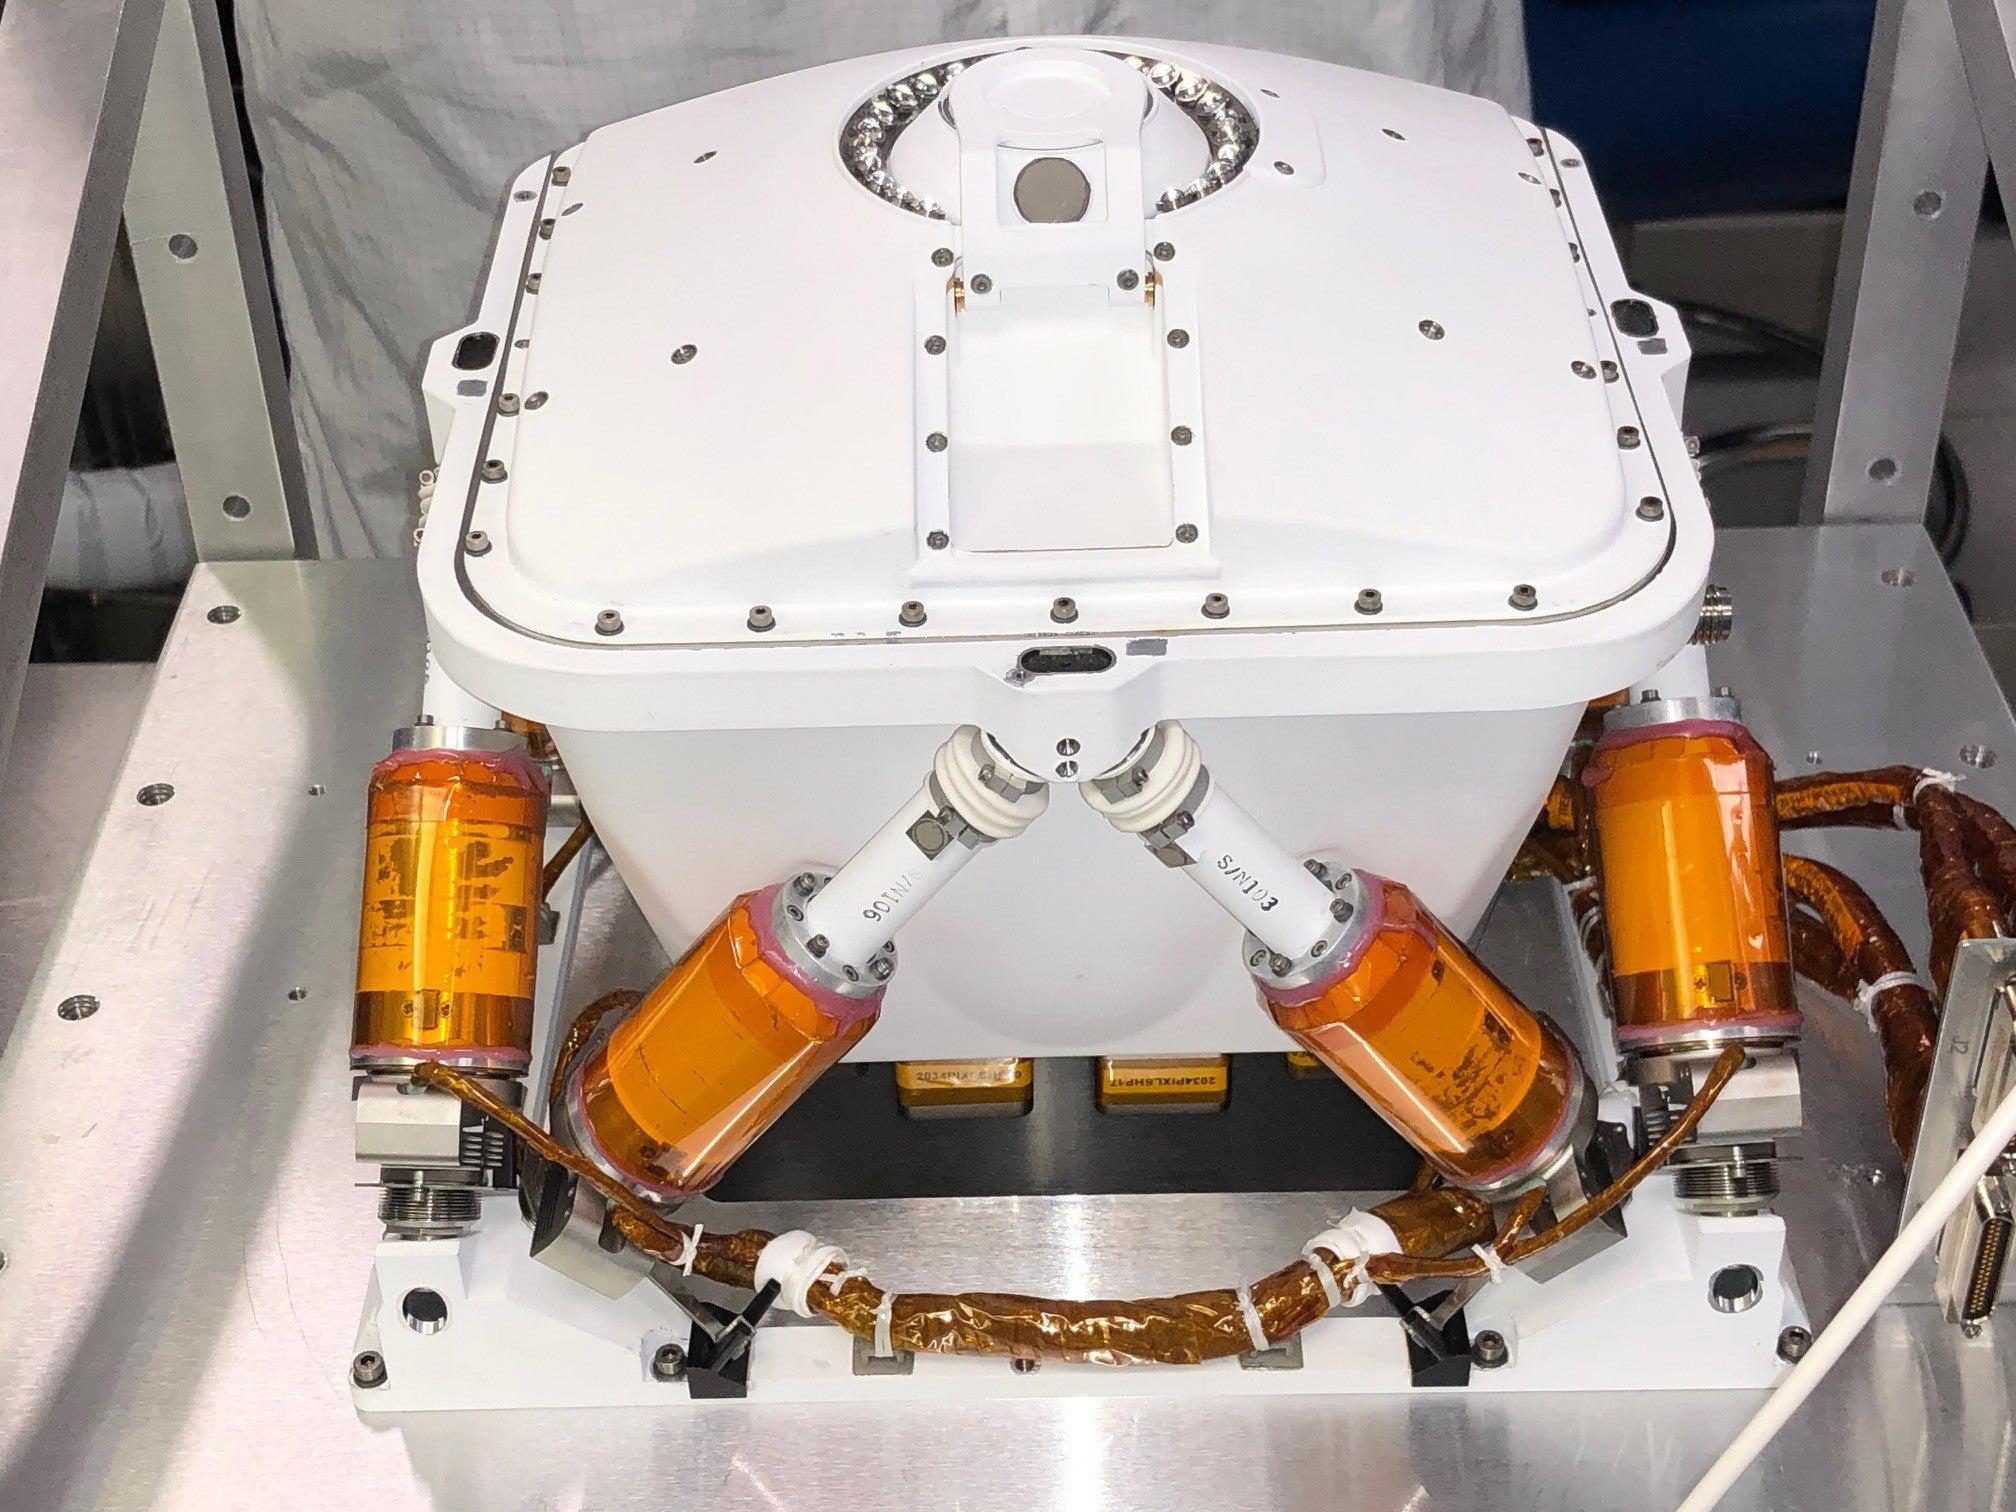 PXLR, Perseverance Mars rover camera instrument